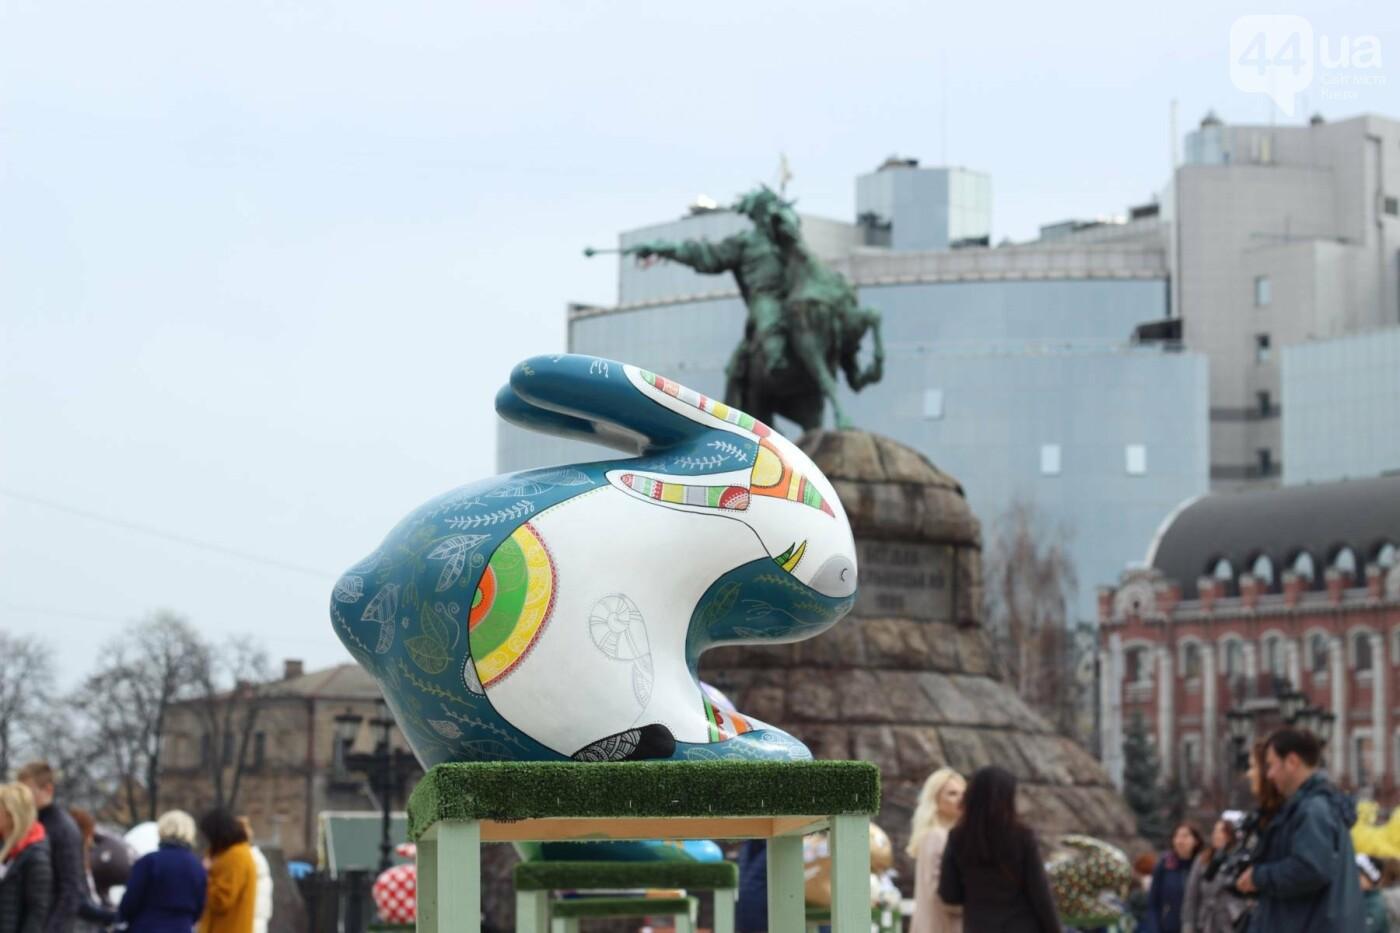 Писанки и кролики: как на Софийской площади проходит Пасхальный фестиваль, фото-12